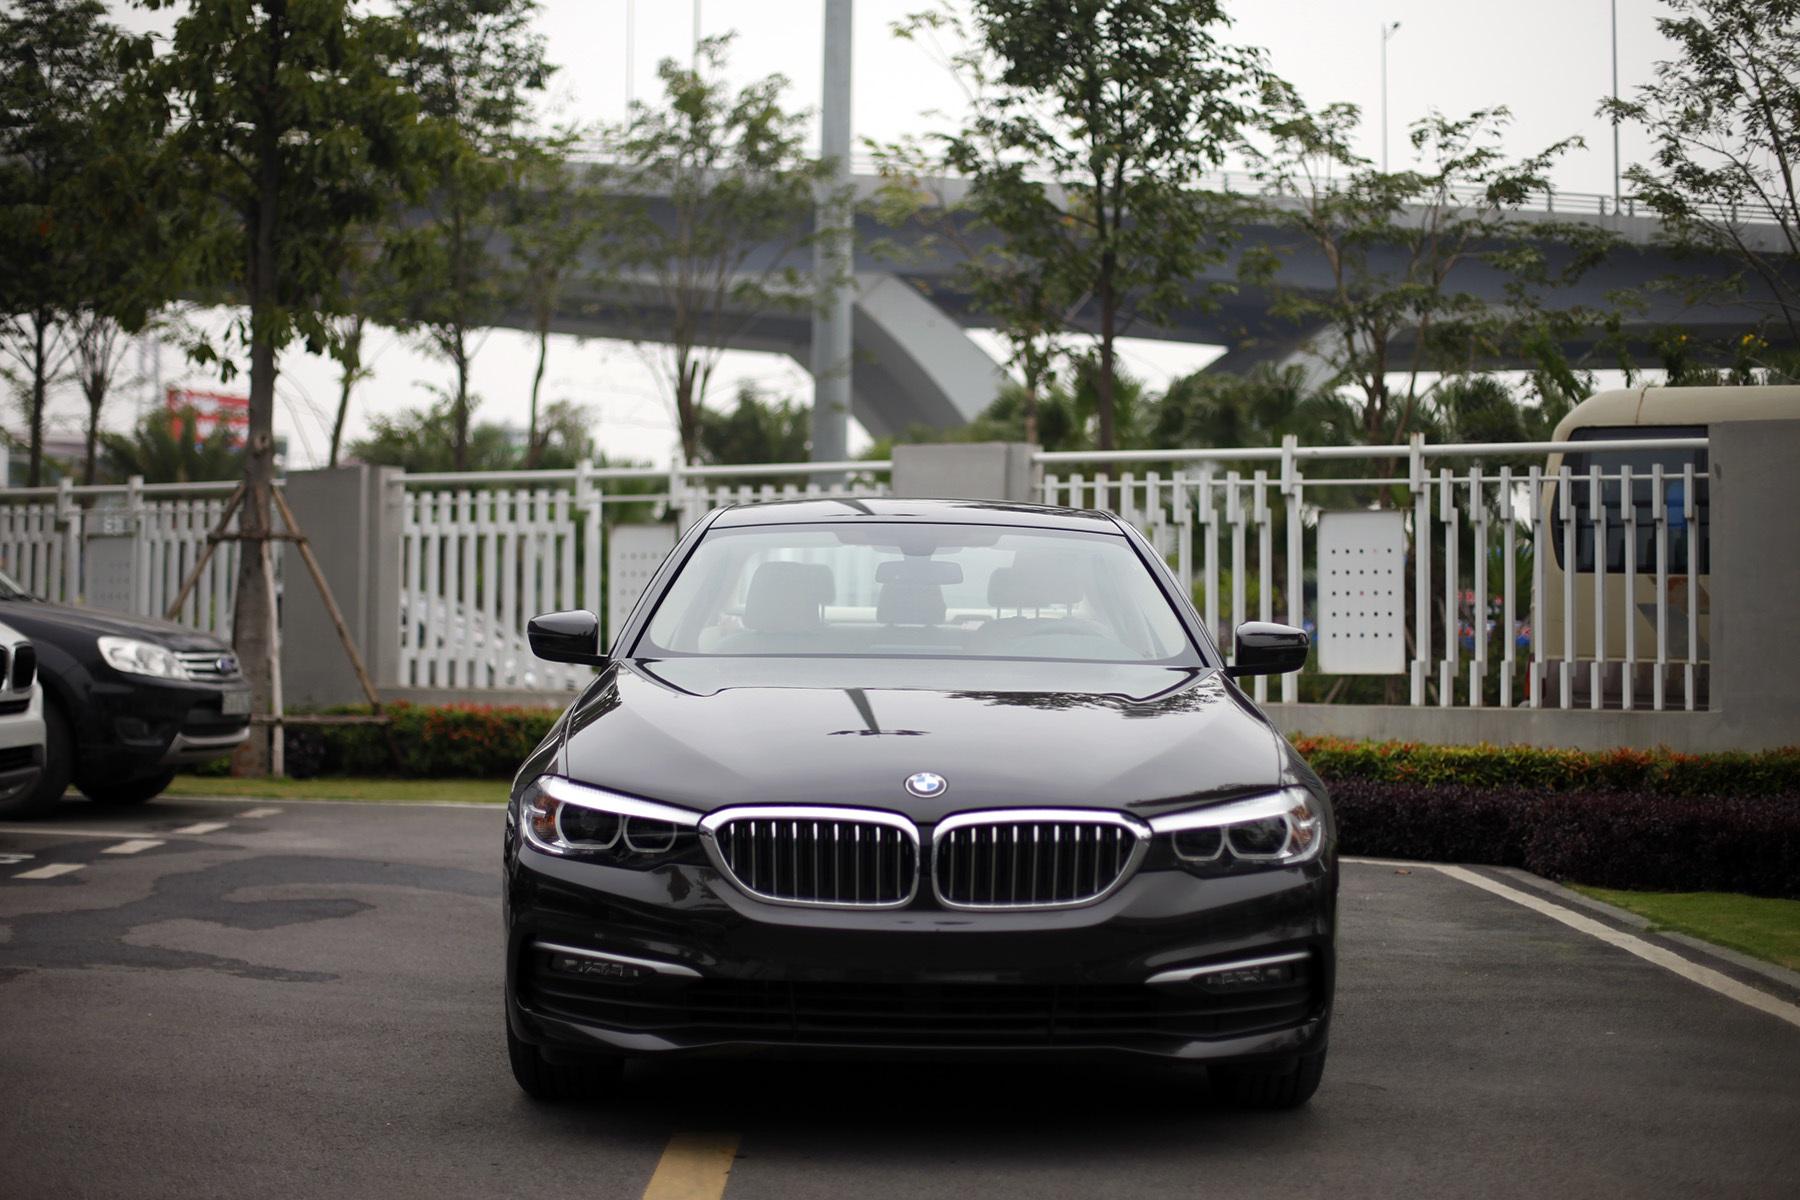 Bảng giá ôtô cập nhật tháng 10/2019: Xe sang giảm giá hàng trăm triệu đồng